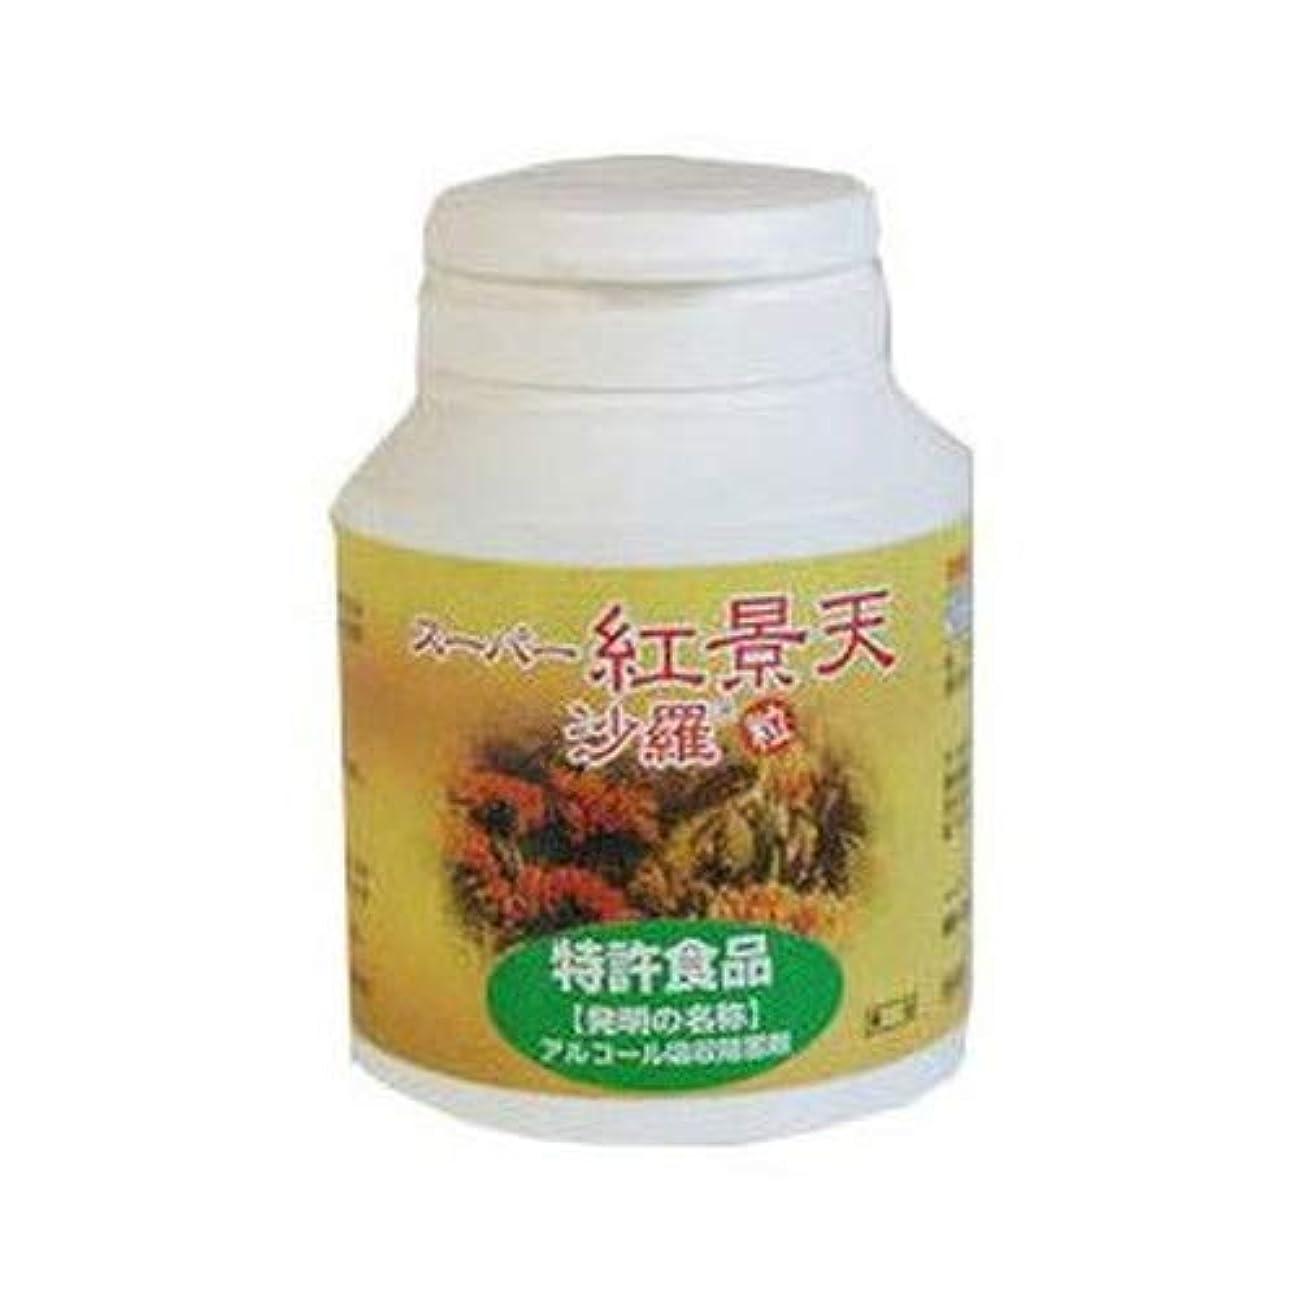 マーティンルーサーキングジュニア鎮痛剤副産物ジャパンヘルス スーパー紅景天沙羅 350粒